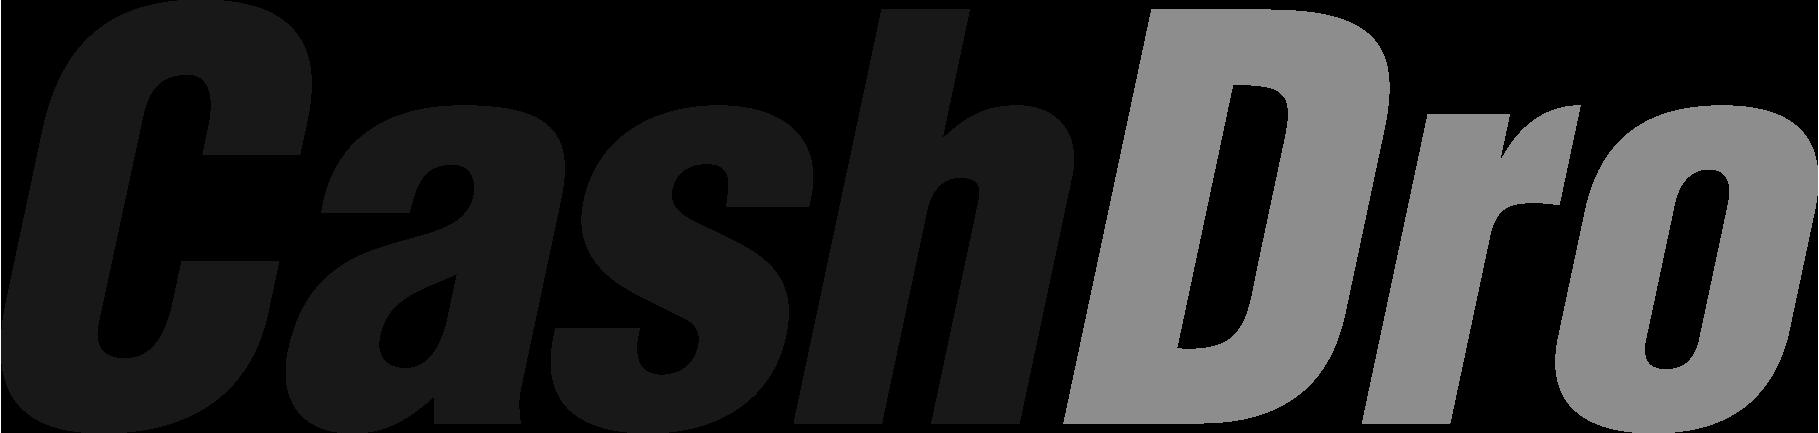 0_LogoCashDro